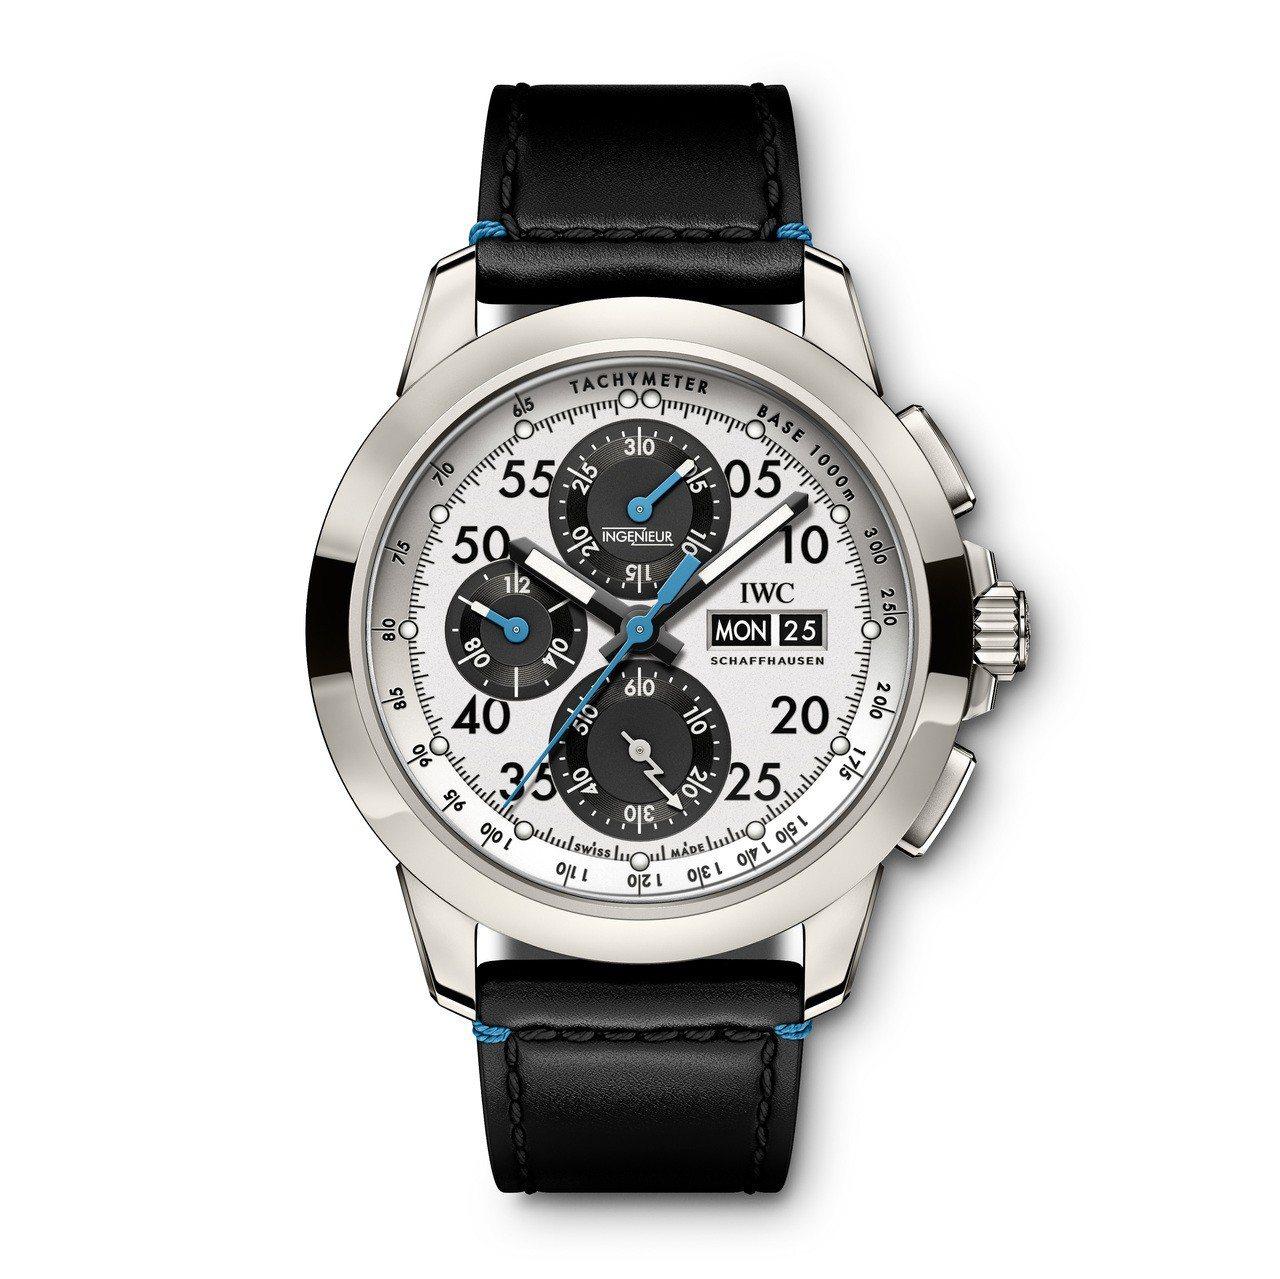 工程師運動計時腕表「第76屆古德伍德會員會議」特別版,鈦金屬表殼、自製計時機芯,...